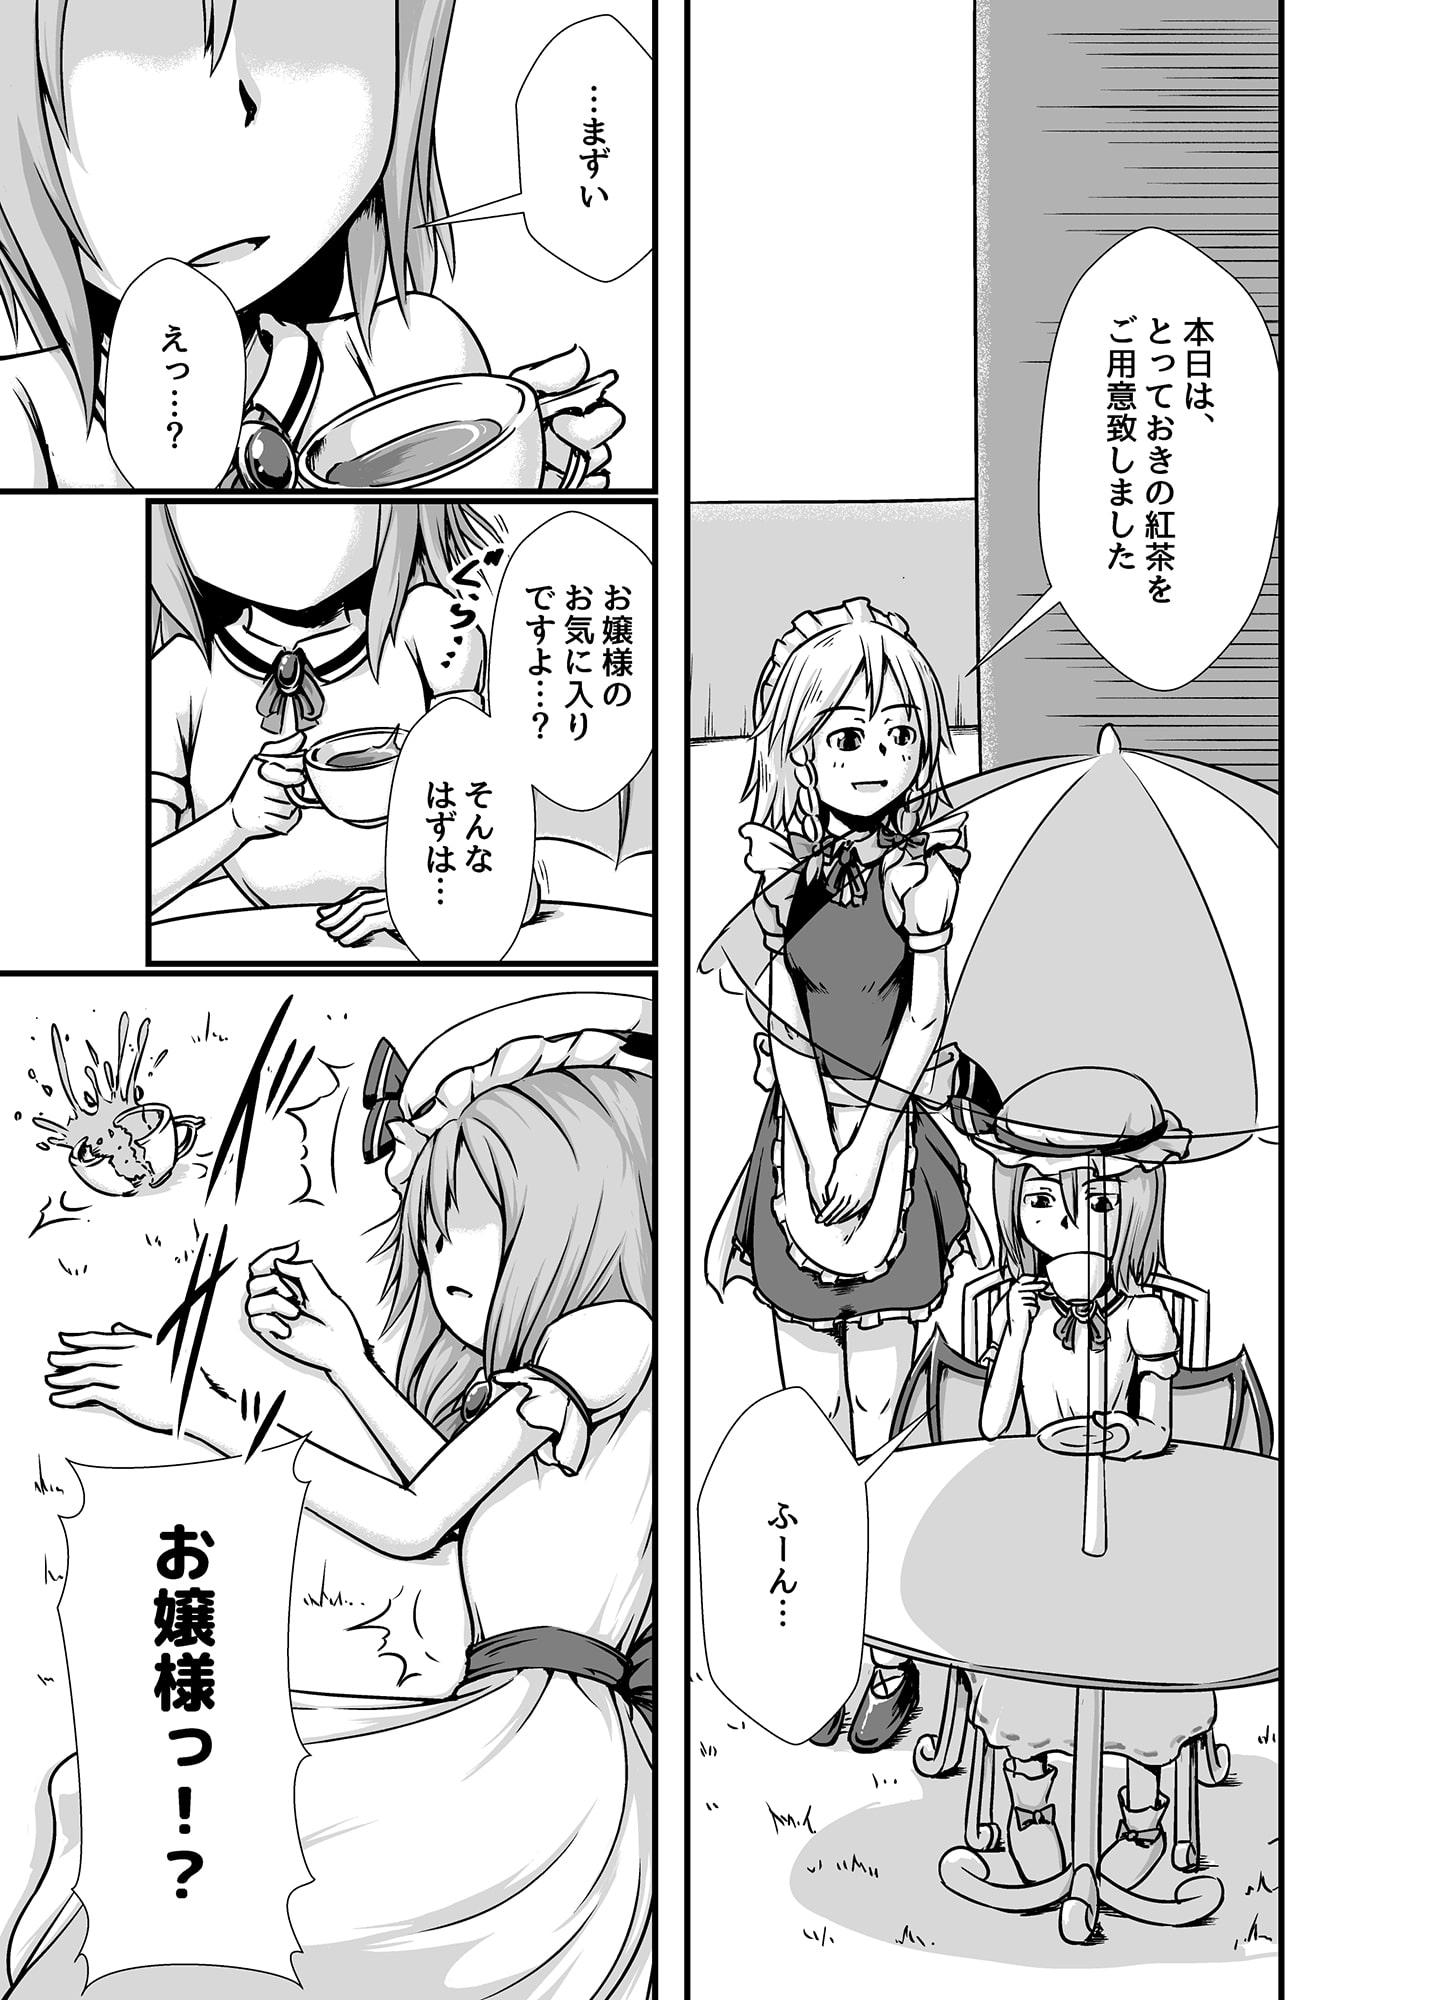 咲夜さんがお嬢様のために膨腹を受け入れる本~破裂編~